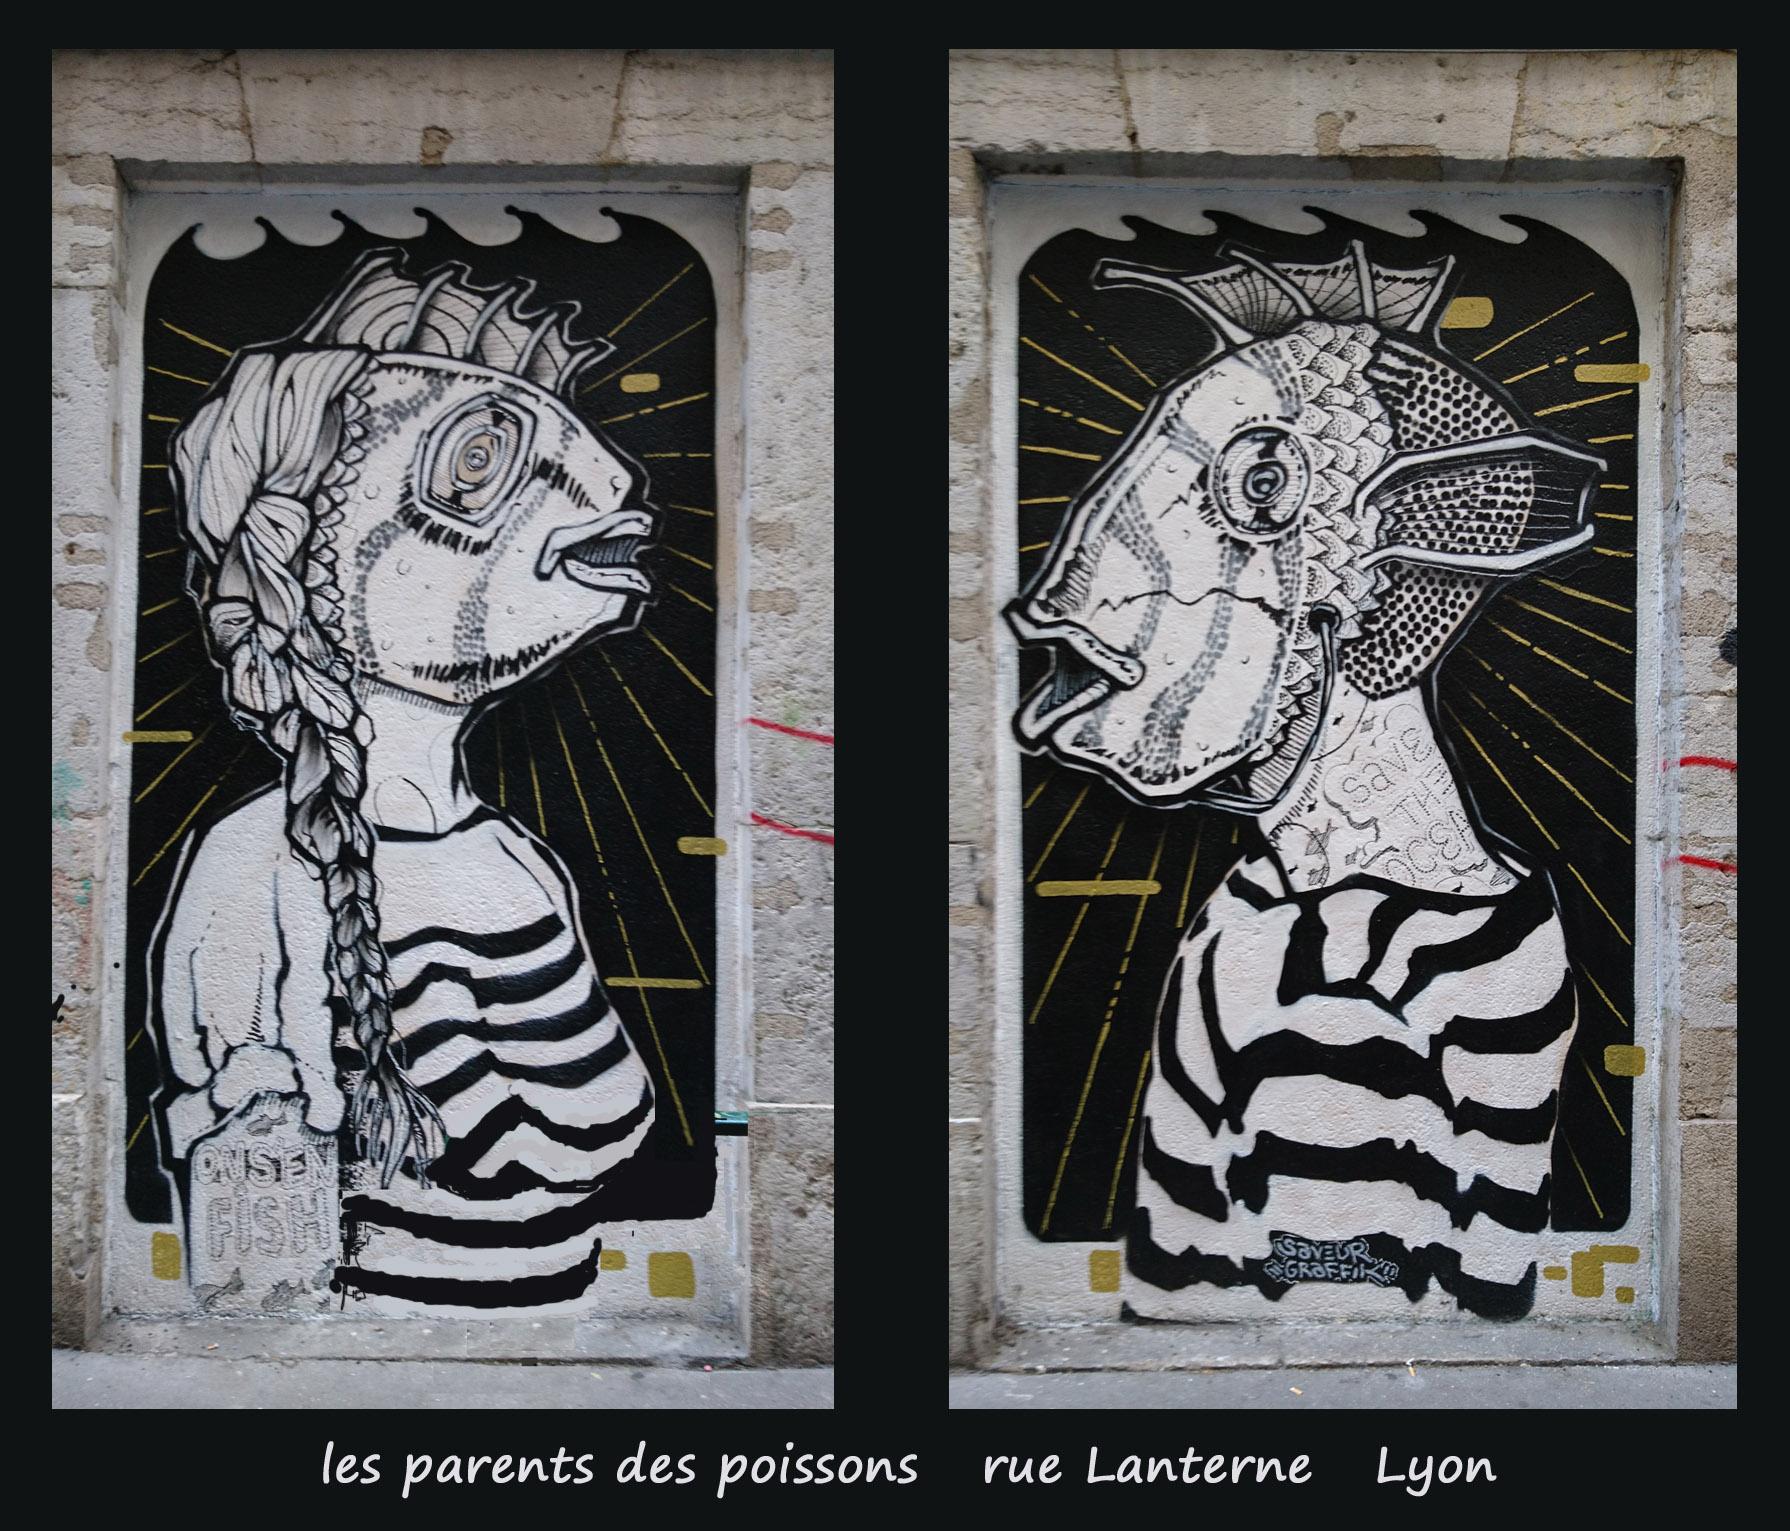 les parents des poissons copie Street Art